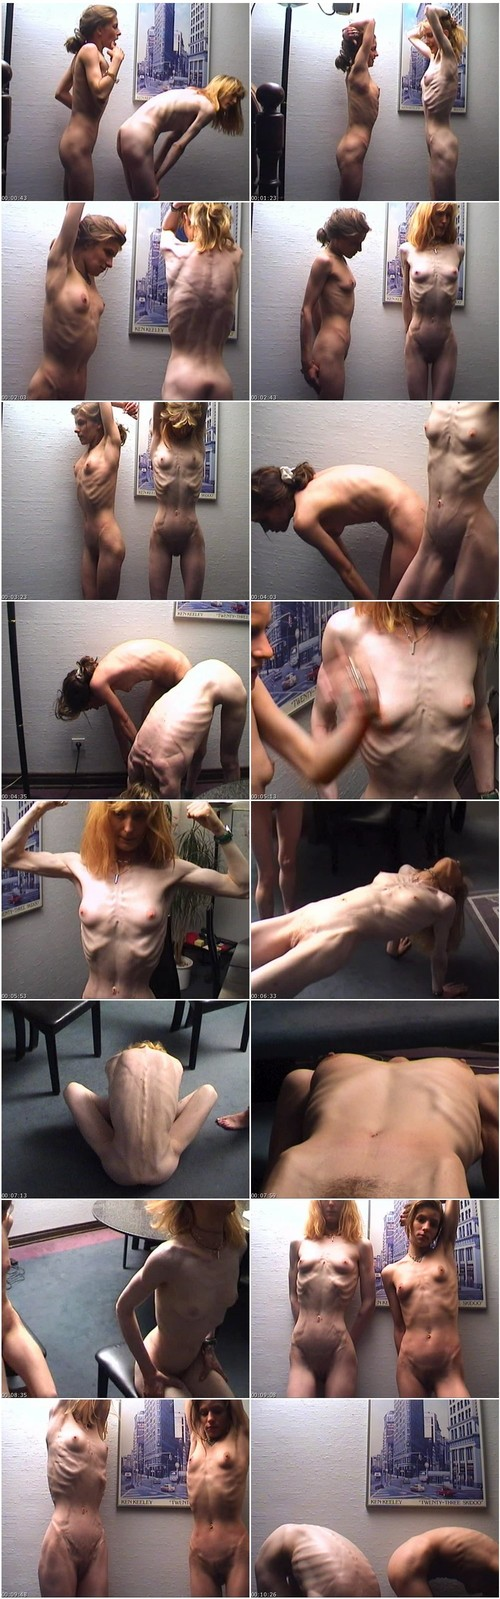 http://ist5-1.filesor.com/pimpandhost.com/9/6/8/3/96838/6/f/Z/x/6fZxs/Anorexia-b076_thumb_m.jpg